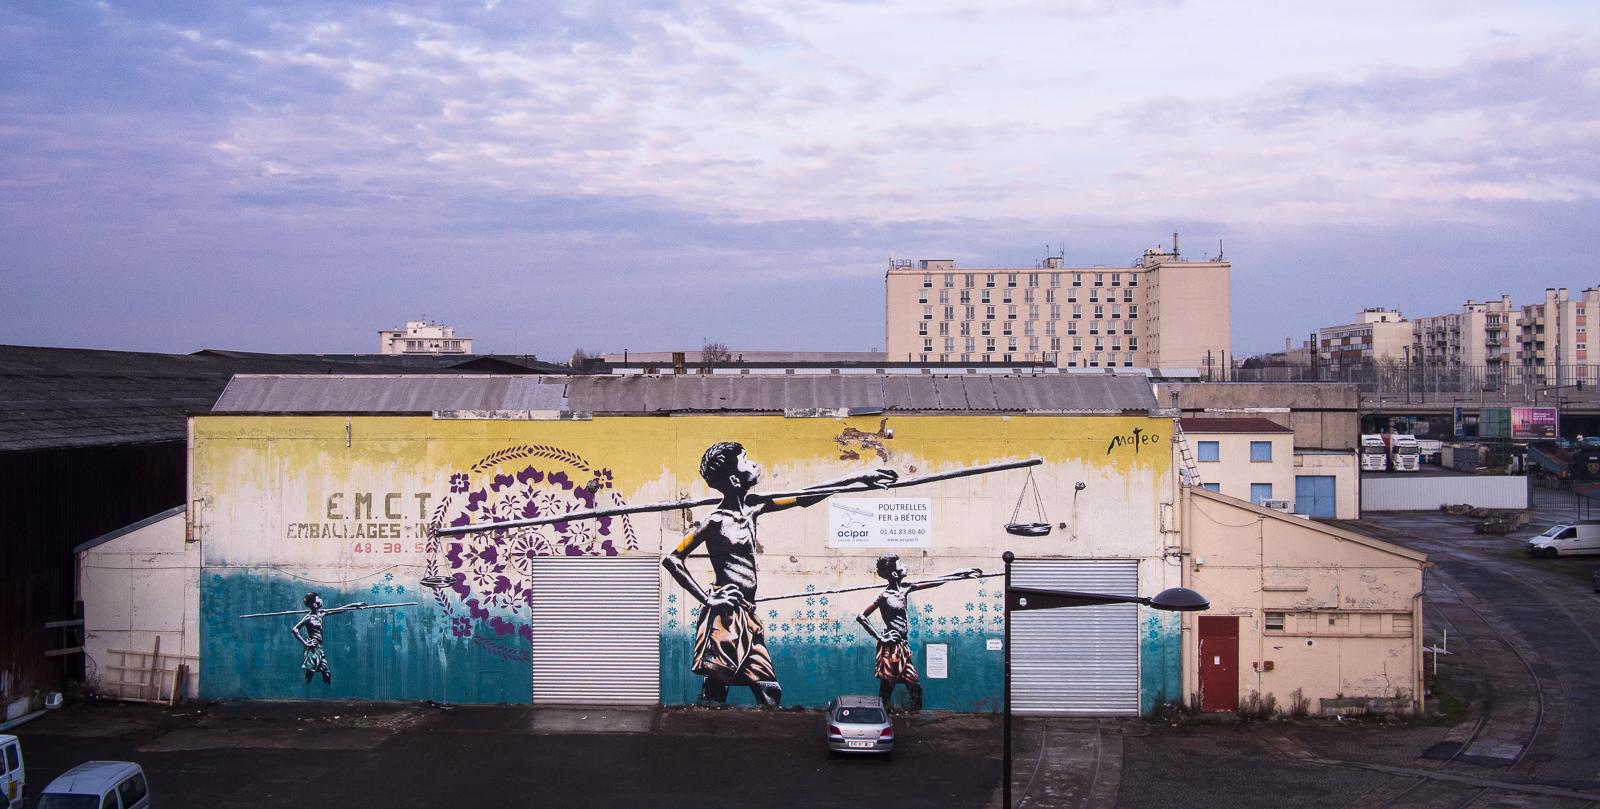 """ÉGALITÉ / 40x10 meters / RER station """"Le Bourget"""" Paris (FR) by: Mathieu Bories alias Mateo"""